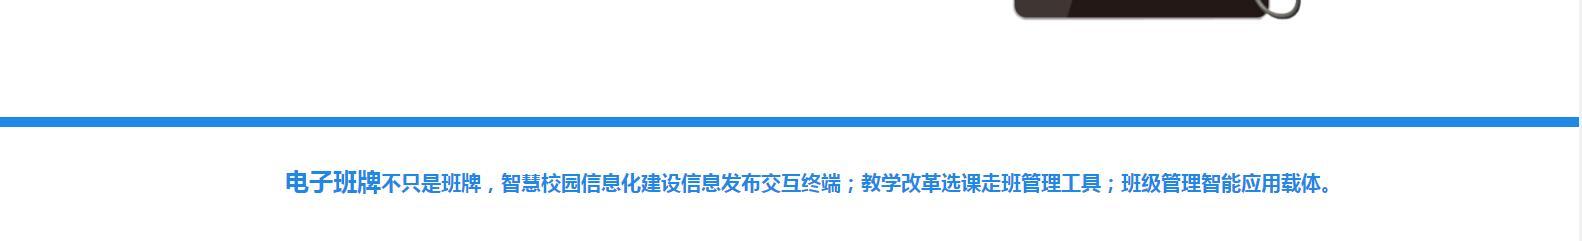 捷智创优电子班牌 电子班牌 北京电子班牌133513185